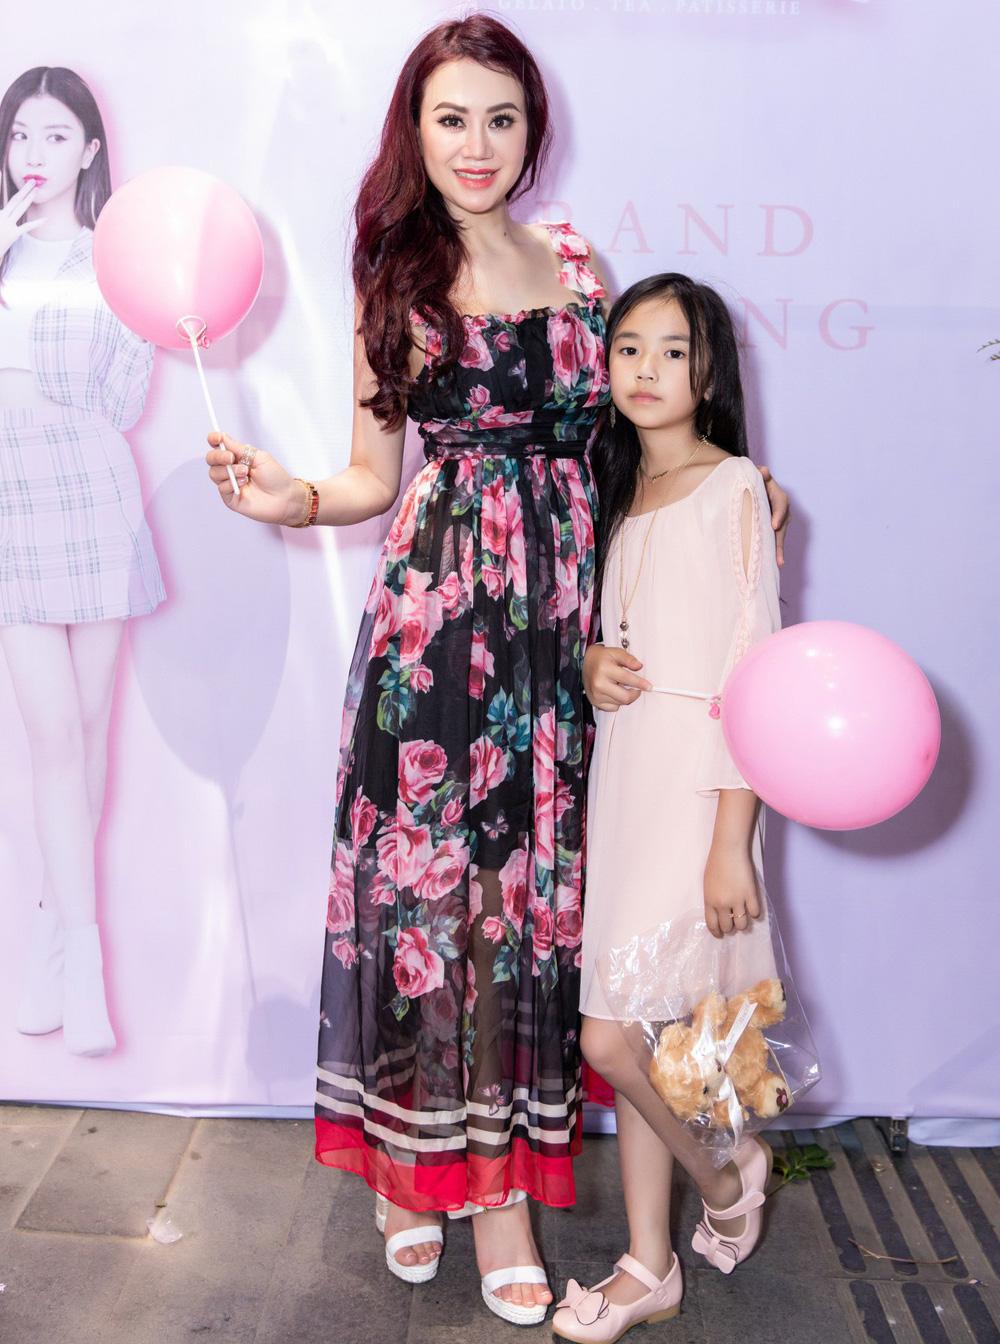 Diễn viên hài Thúy Nga đọ sắc với Hoa hậu Mỹ Vân - Ảnh 6.